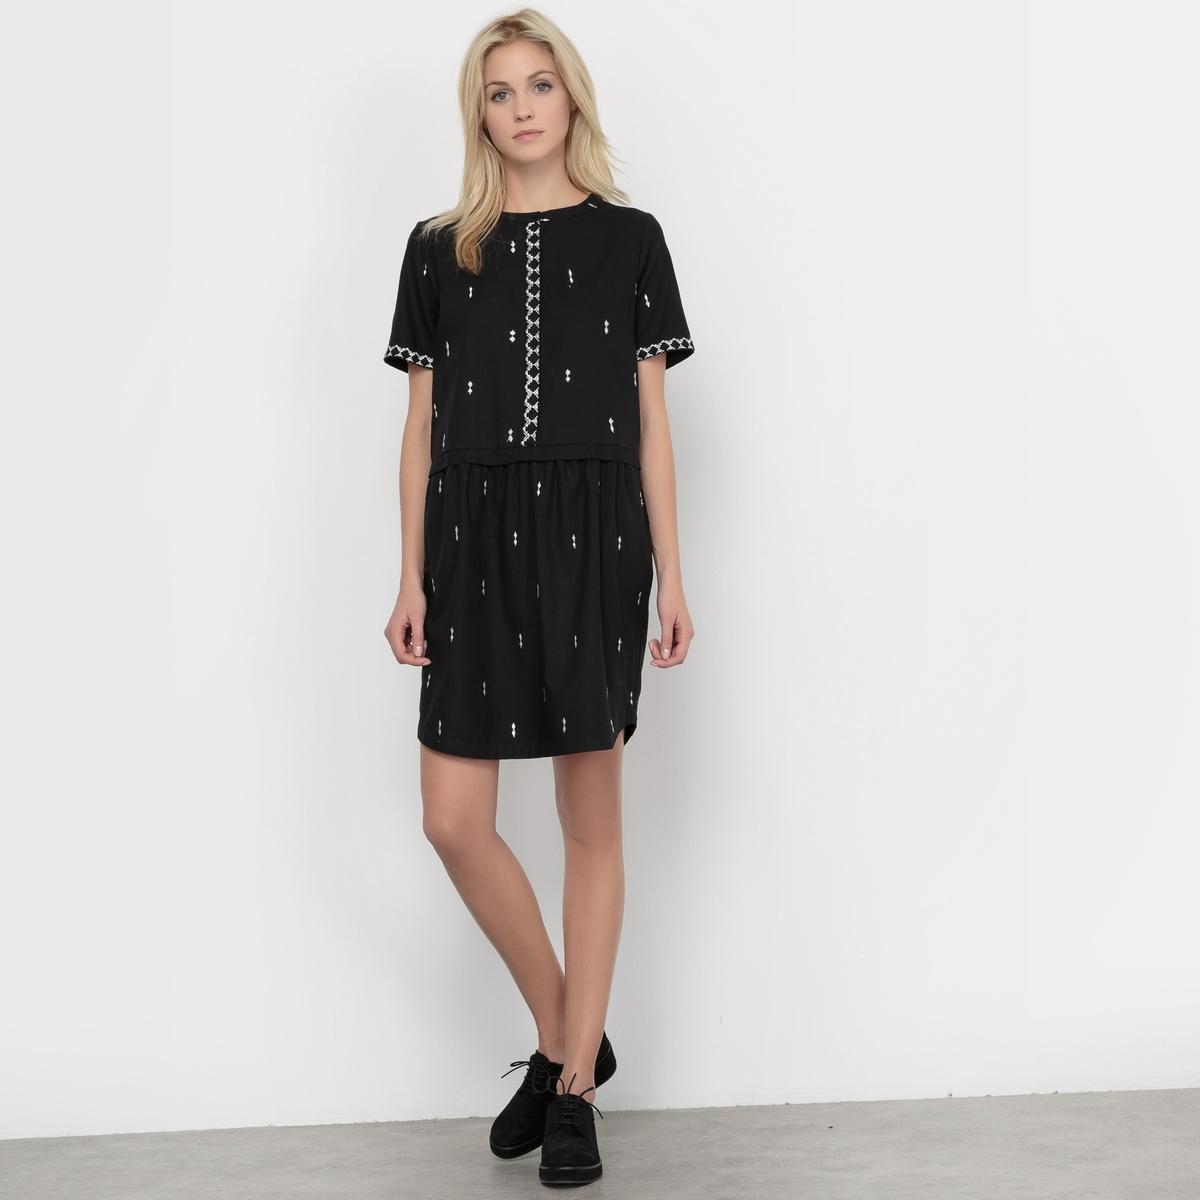 Фото Платье короткое с короткими рукавами с вышивкой ROMARIN ROMARIN. Купить с доставкой